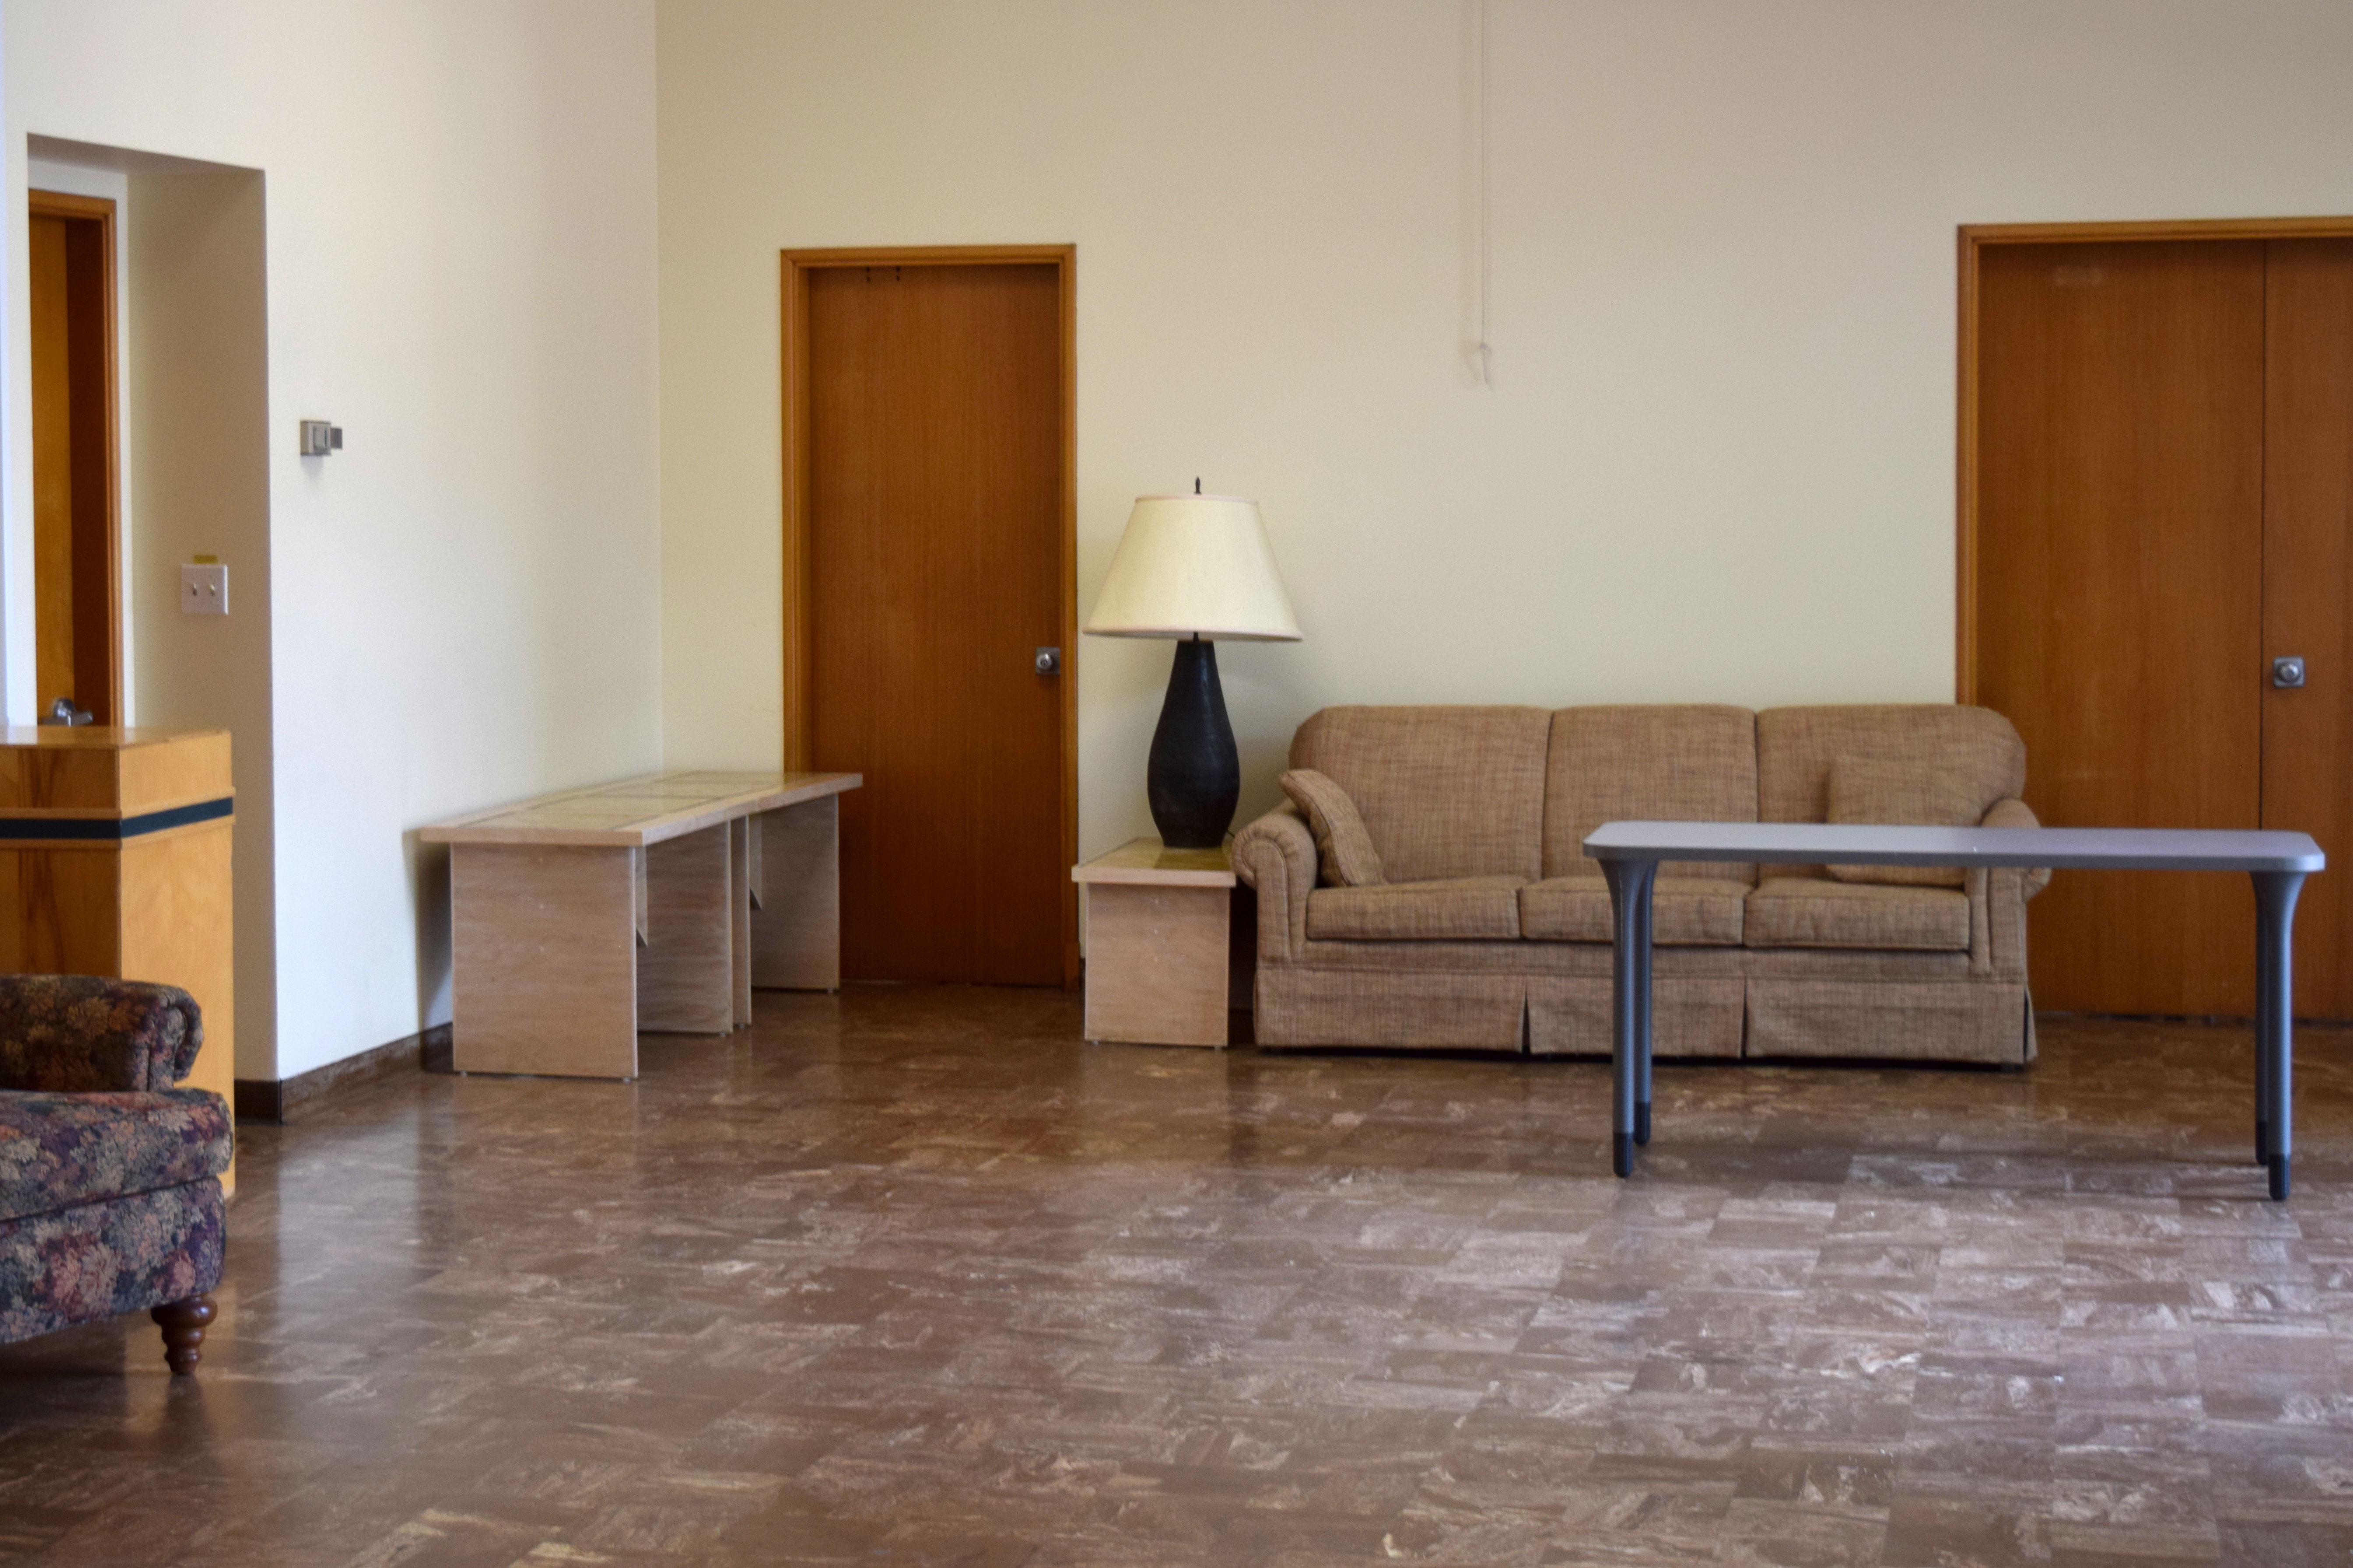 Image of Morgan Lounge